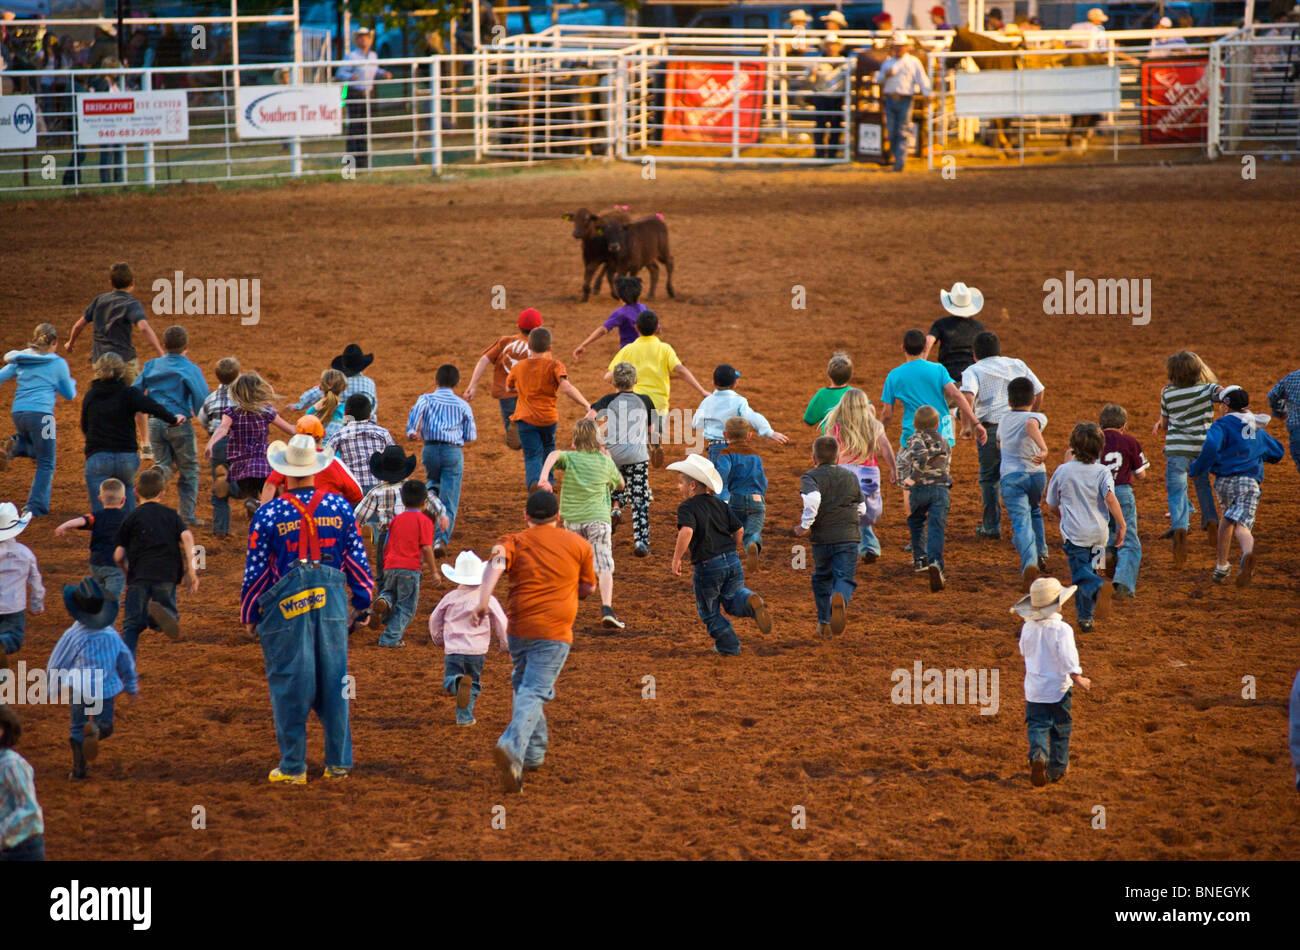 Jeune foule courir pour attraper les chargeuses à PRCA Rodeo à Petite-ville Bridgeport, Texas, États-Unis Banque D'Images